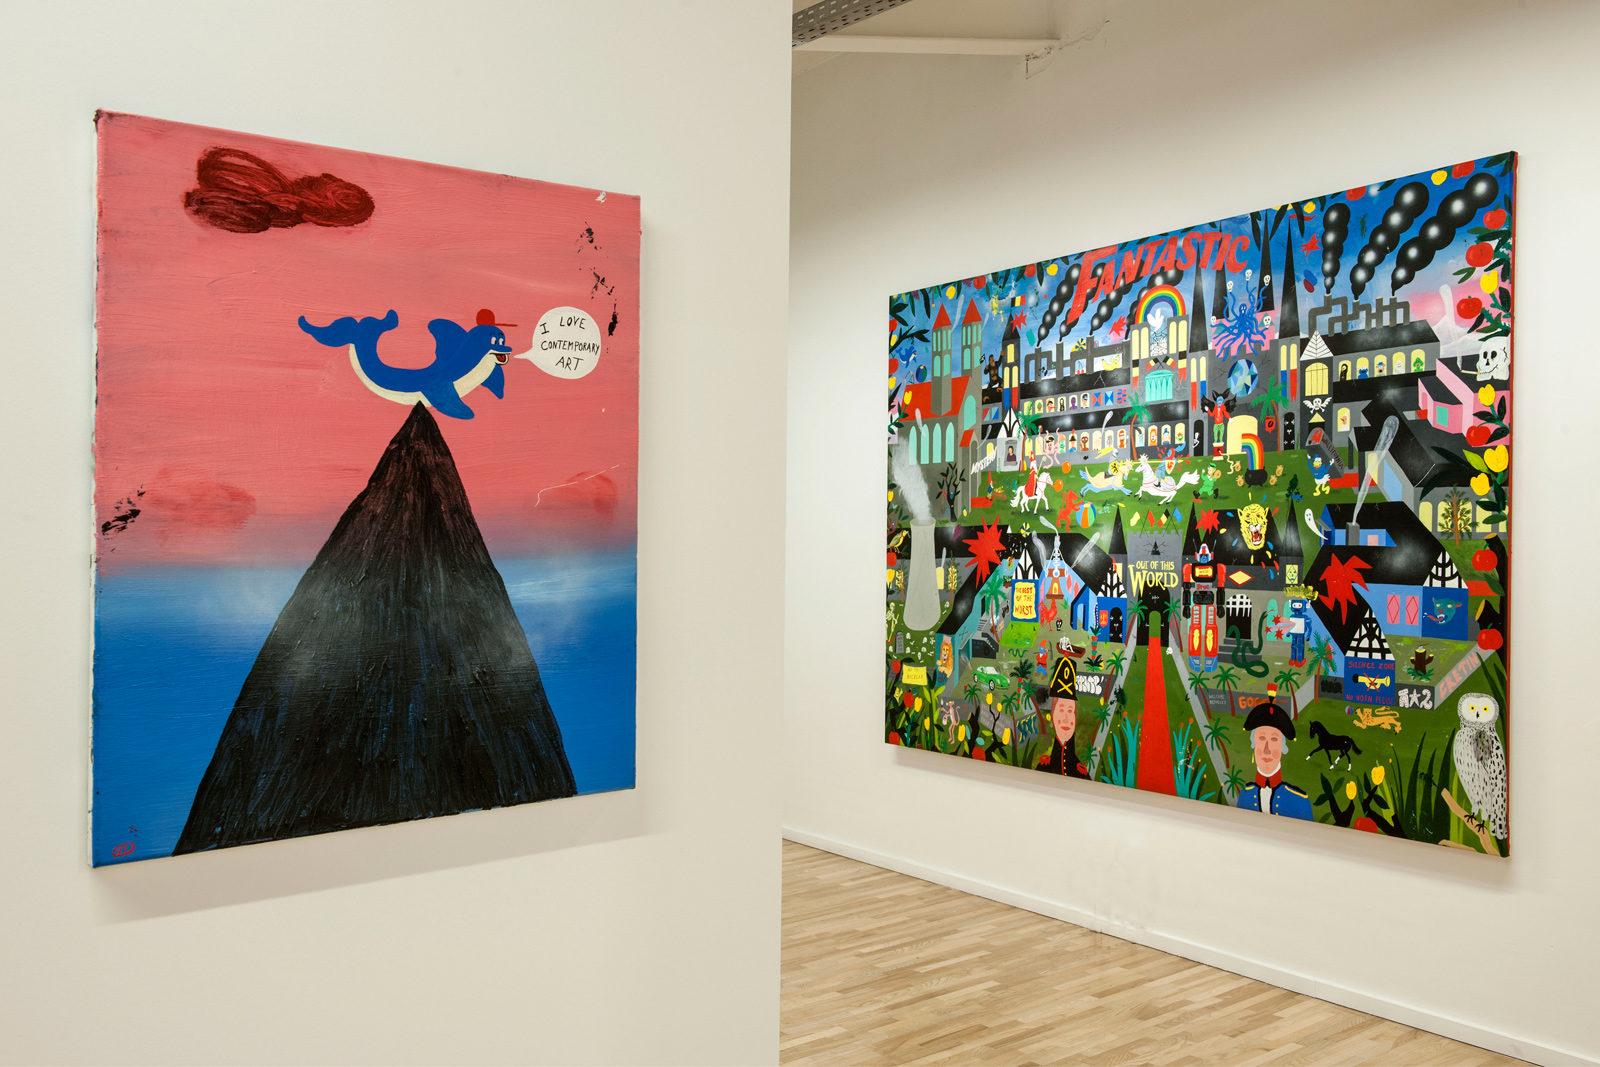 Laurent Impeduglia s'invite dans les musées du monde réel